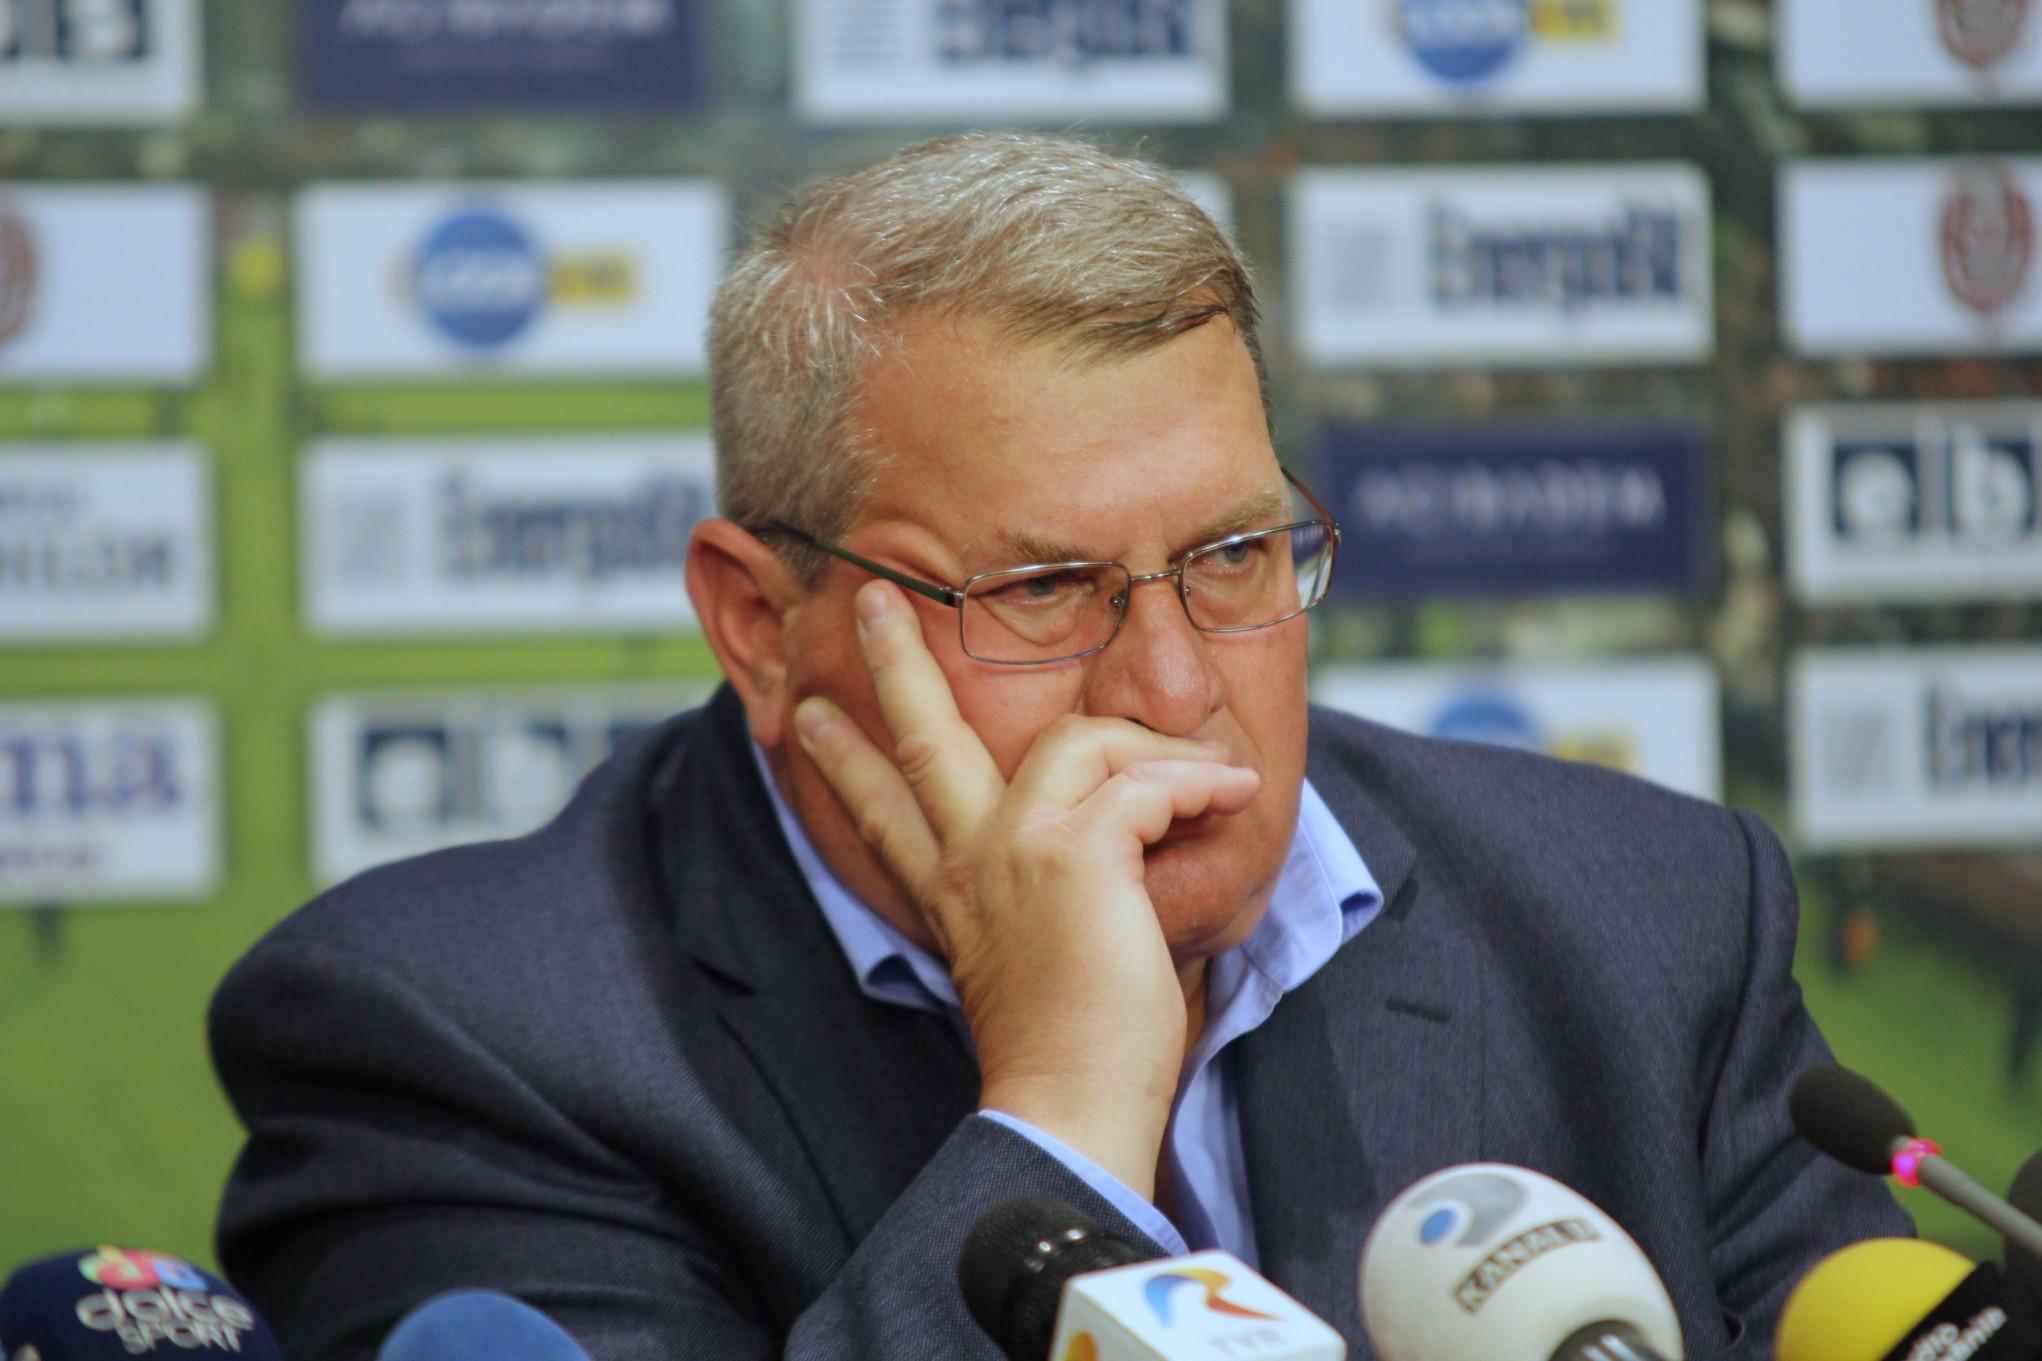 Preşedintele CFR-ului, Iuliu Mureşan, nu a primit răspunsul așteptat de la TAS / Foto: Dan Bodea